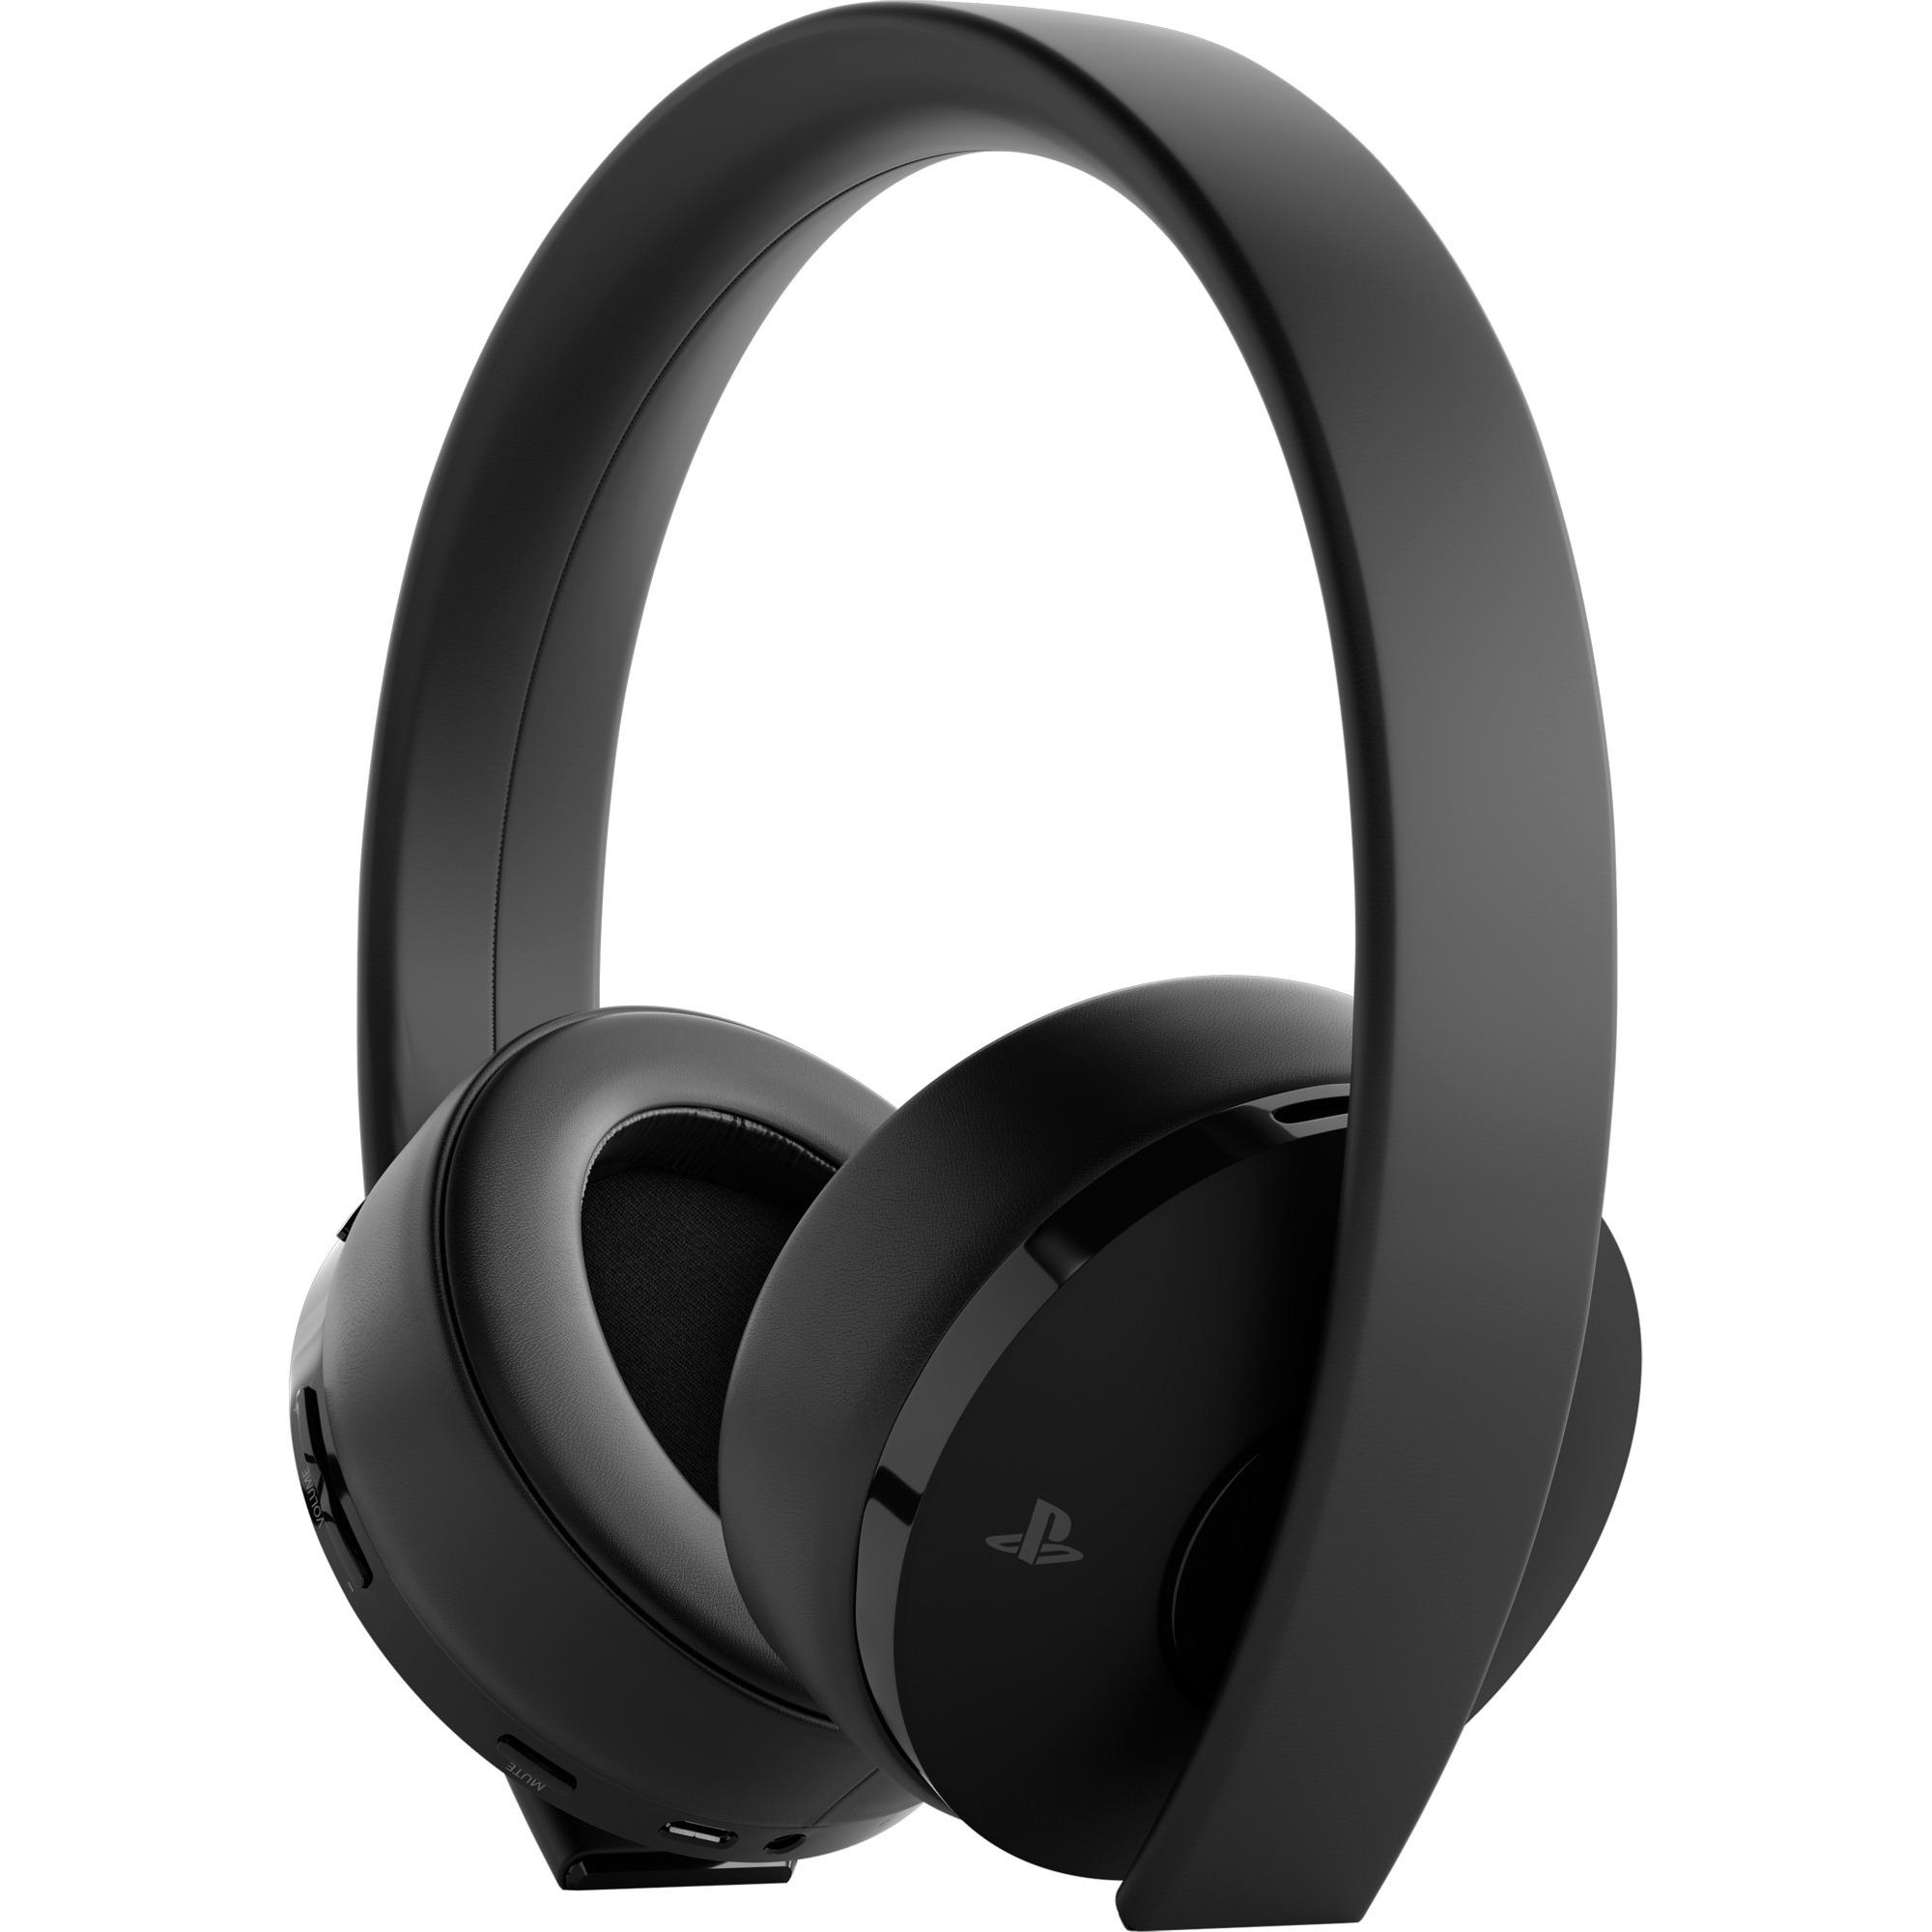 9455165 auricular con micrófono Diadema Binaural Negro, Auriculares con micrófono